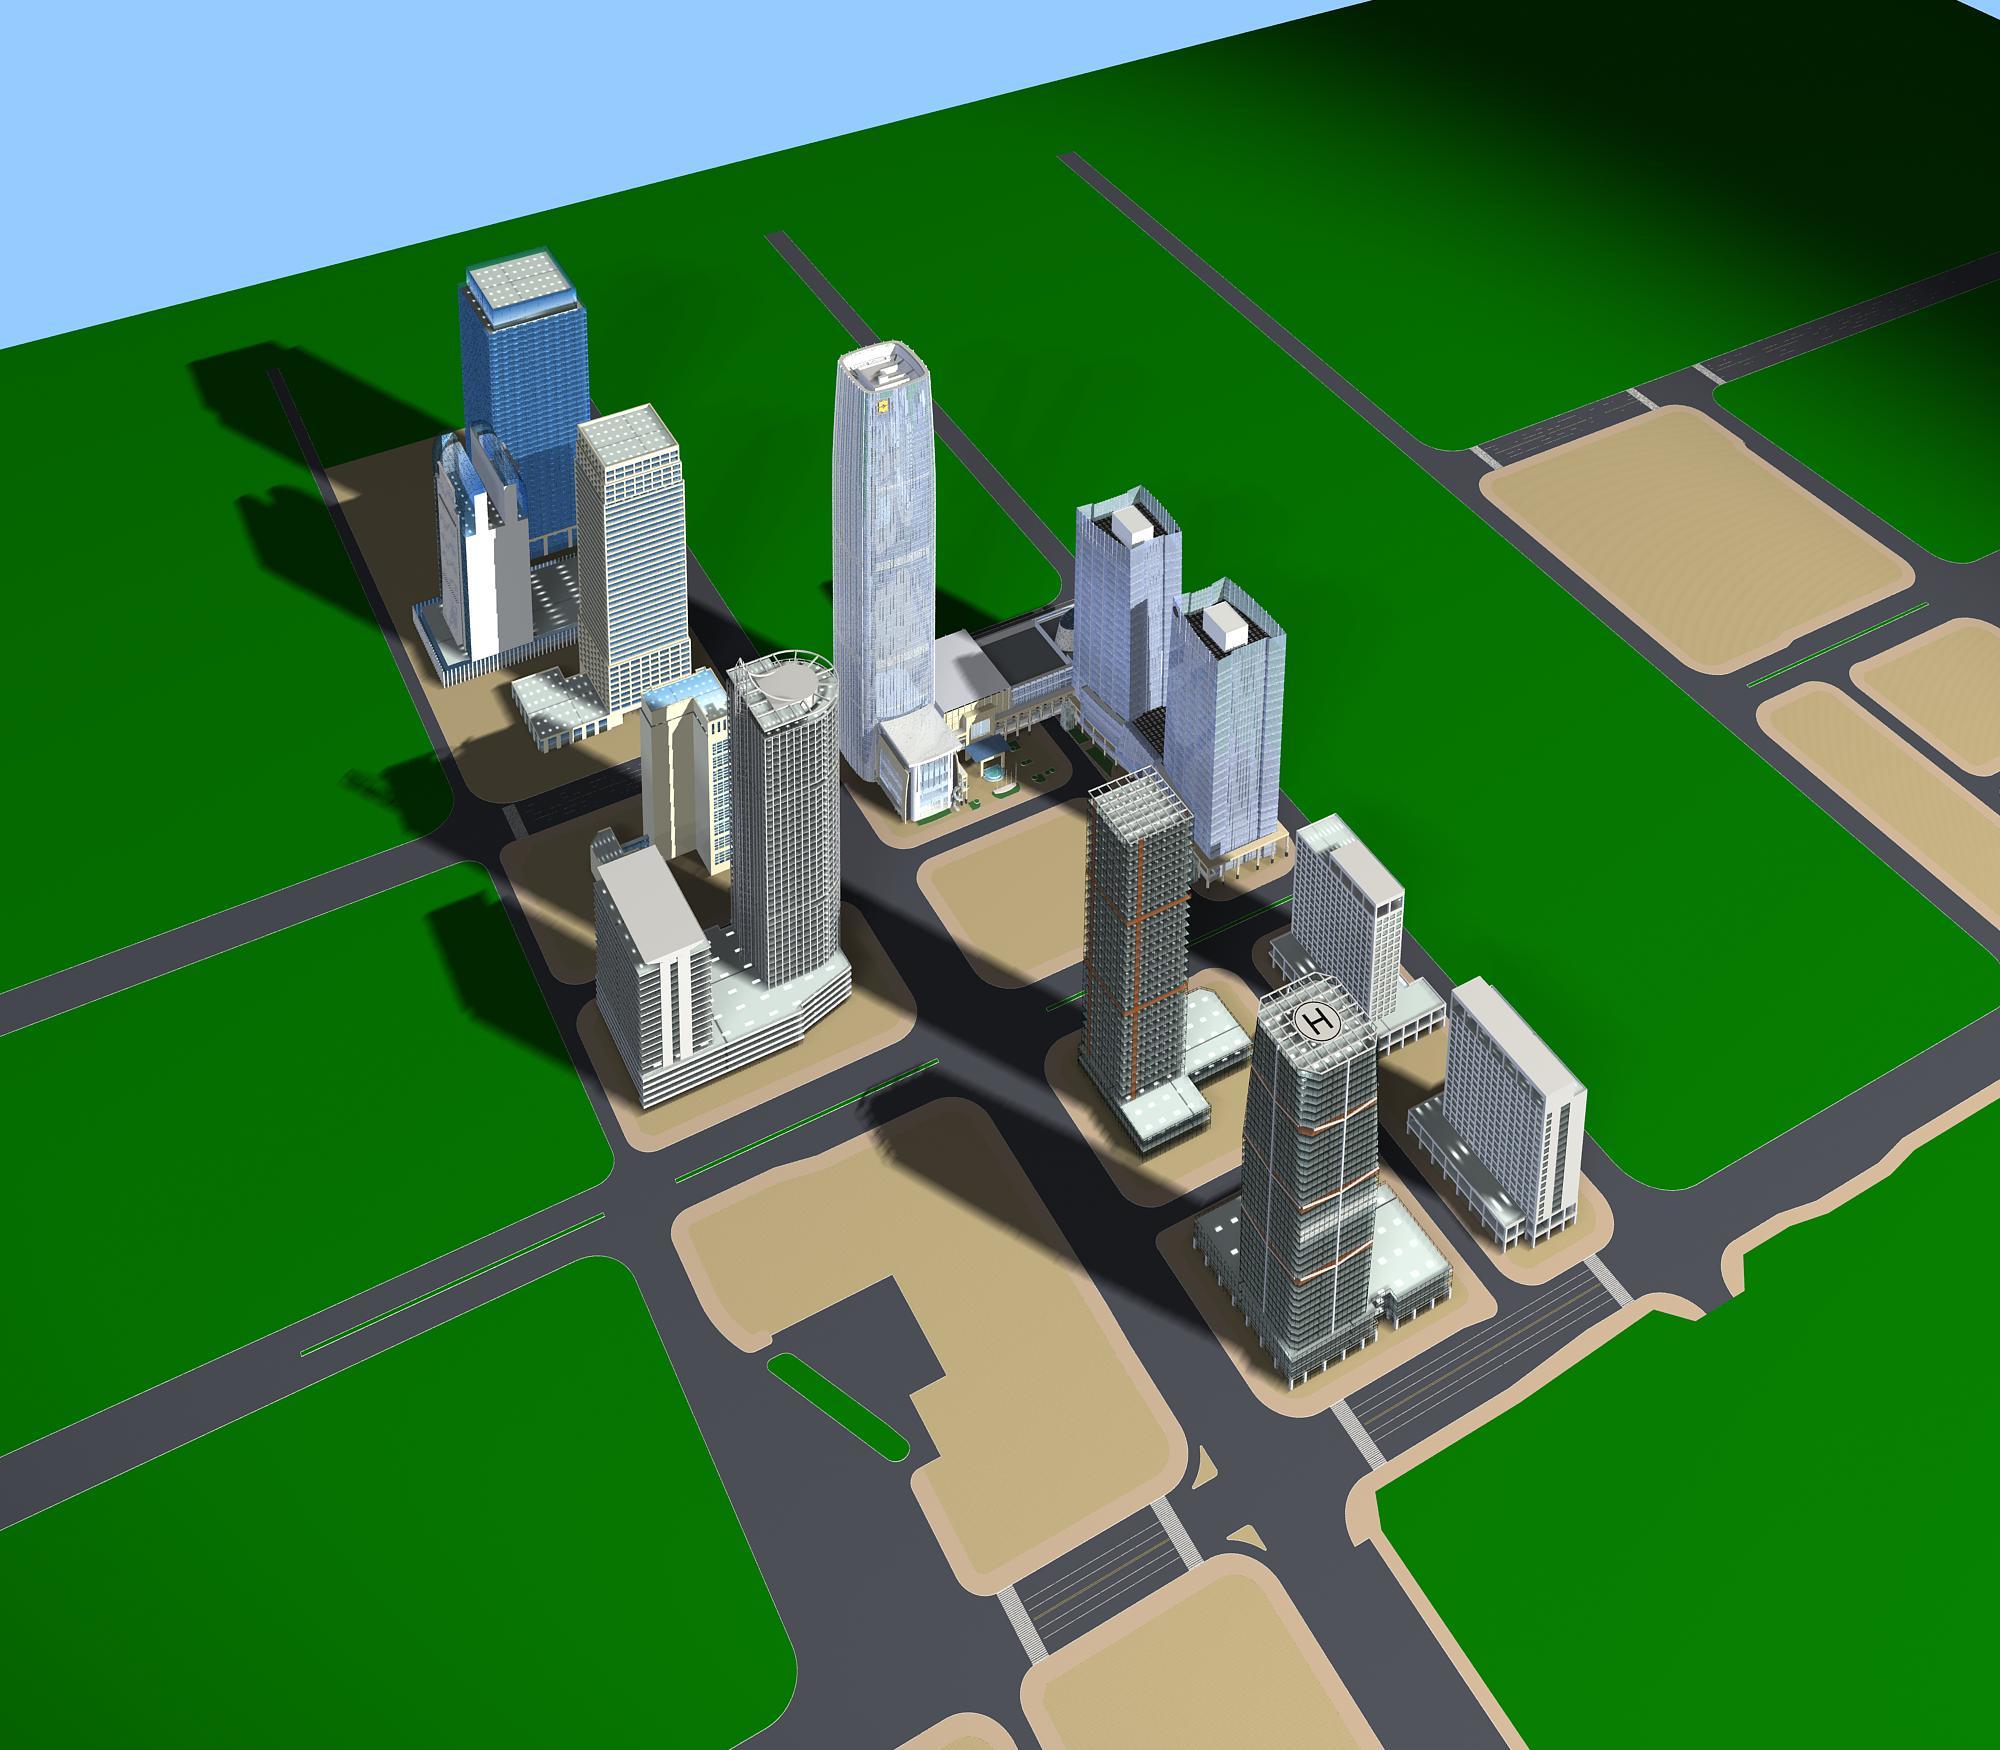 хот суурин газрын дизайн 099 3d загвар max psd 121486